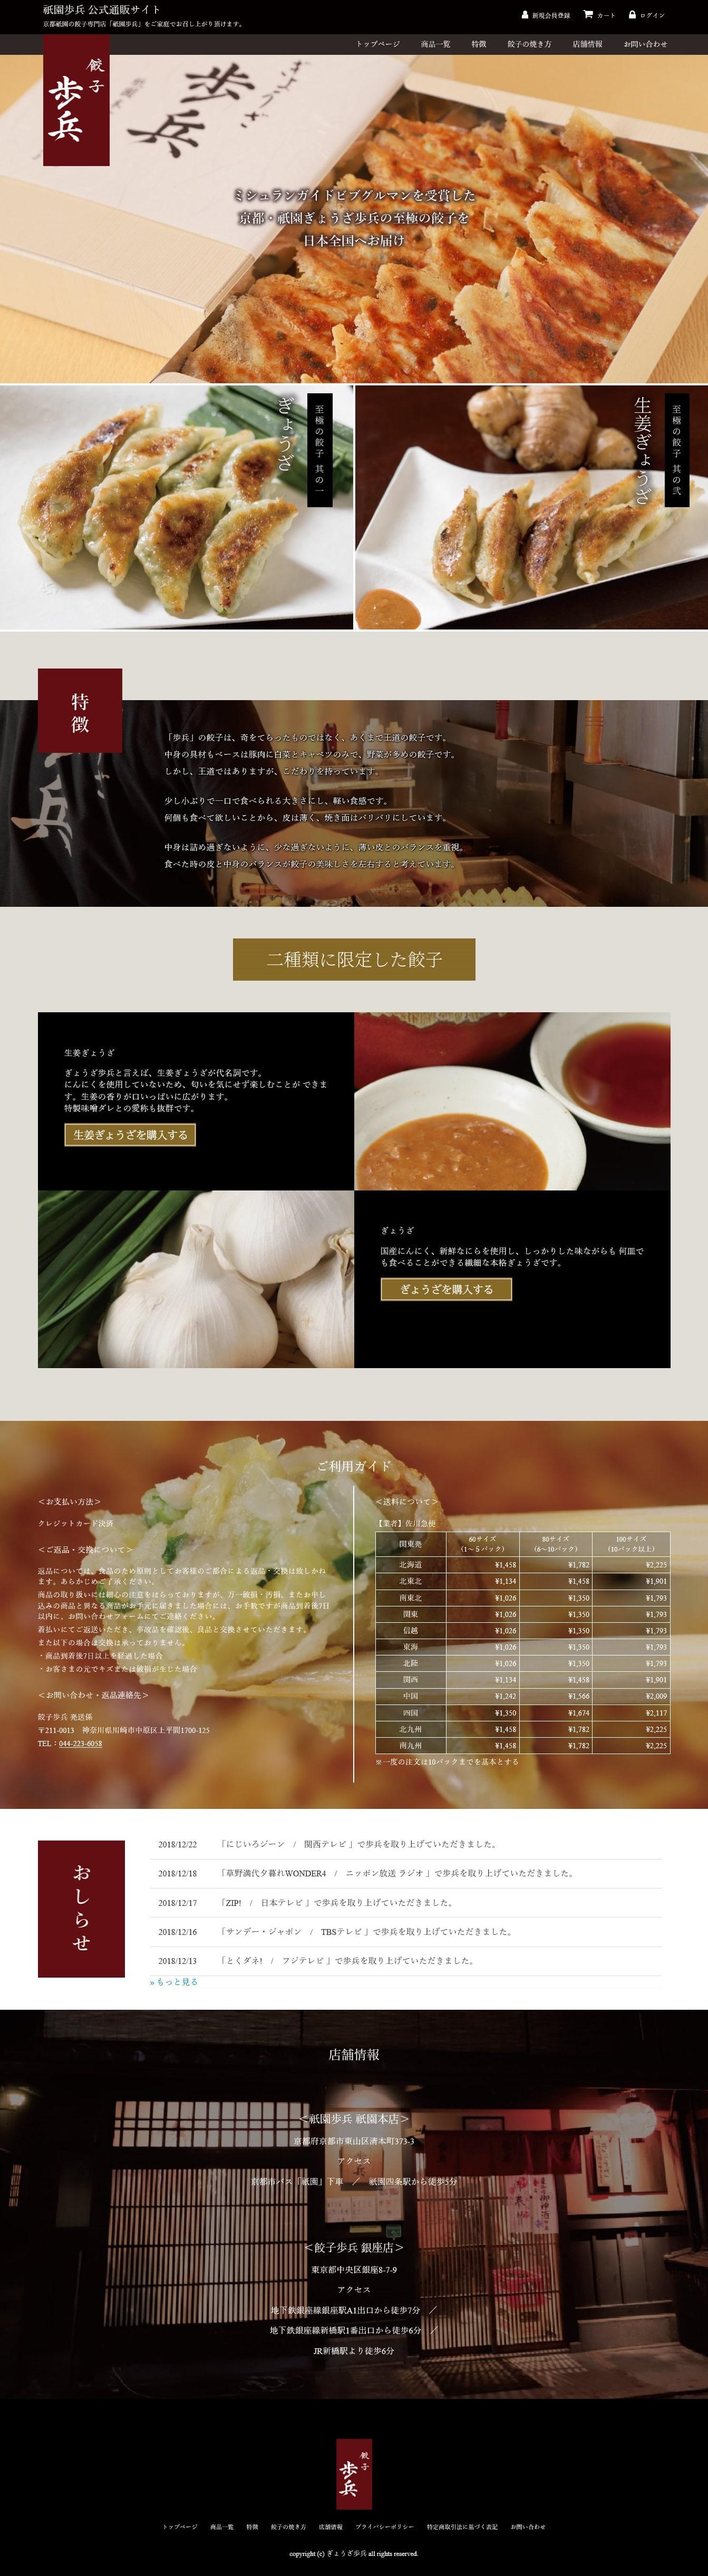 祇園歩兵 公式通販サイト